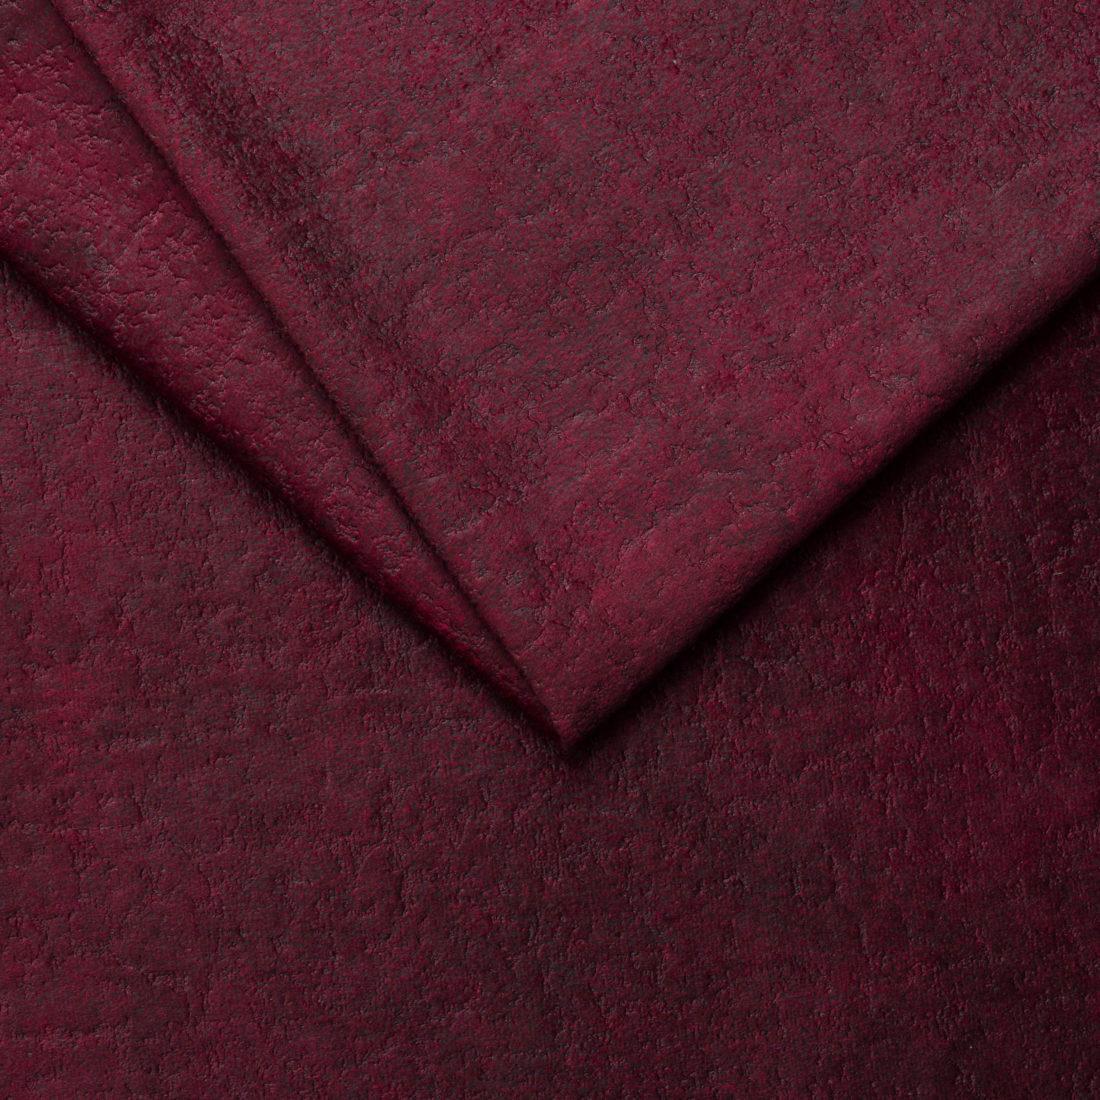 Мебельная ткань Infinity 7 Ruby Red, велюр